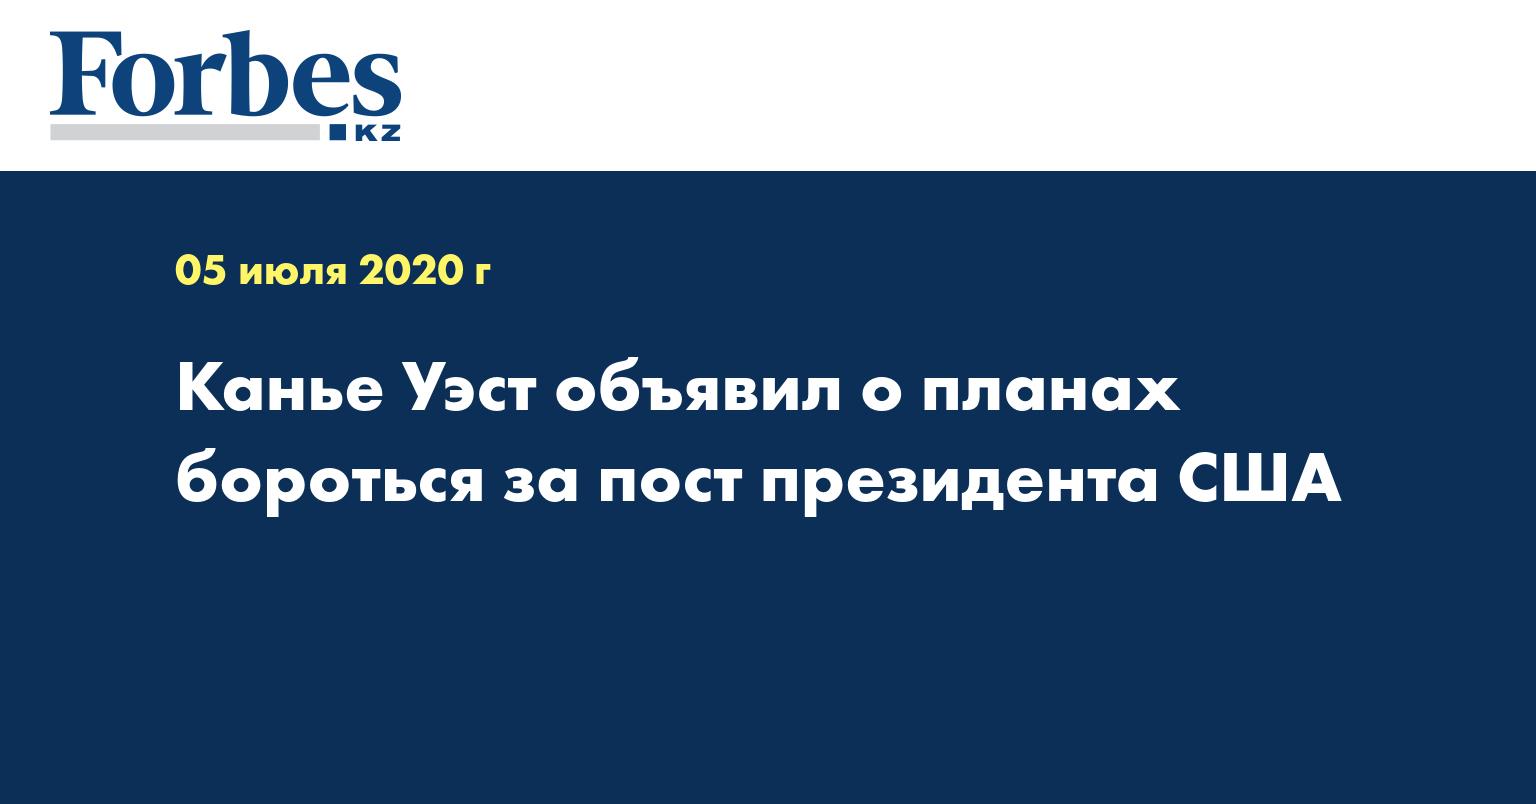 Канье Уэст объявил о планах бороться за пост президента США